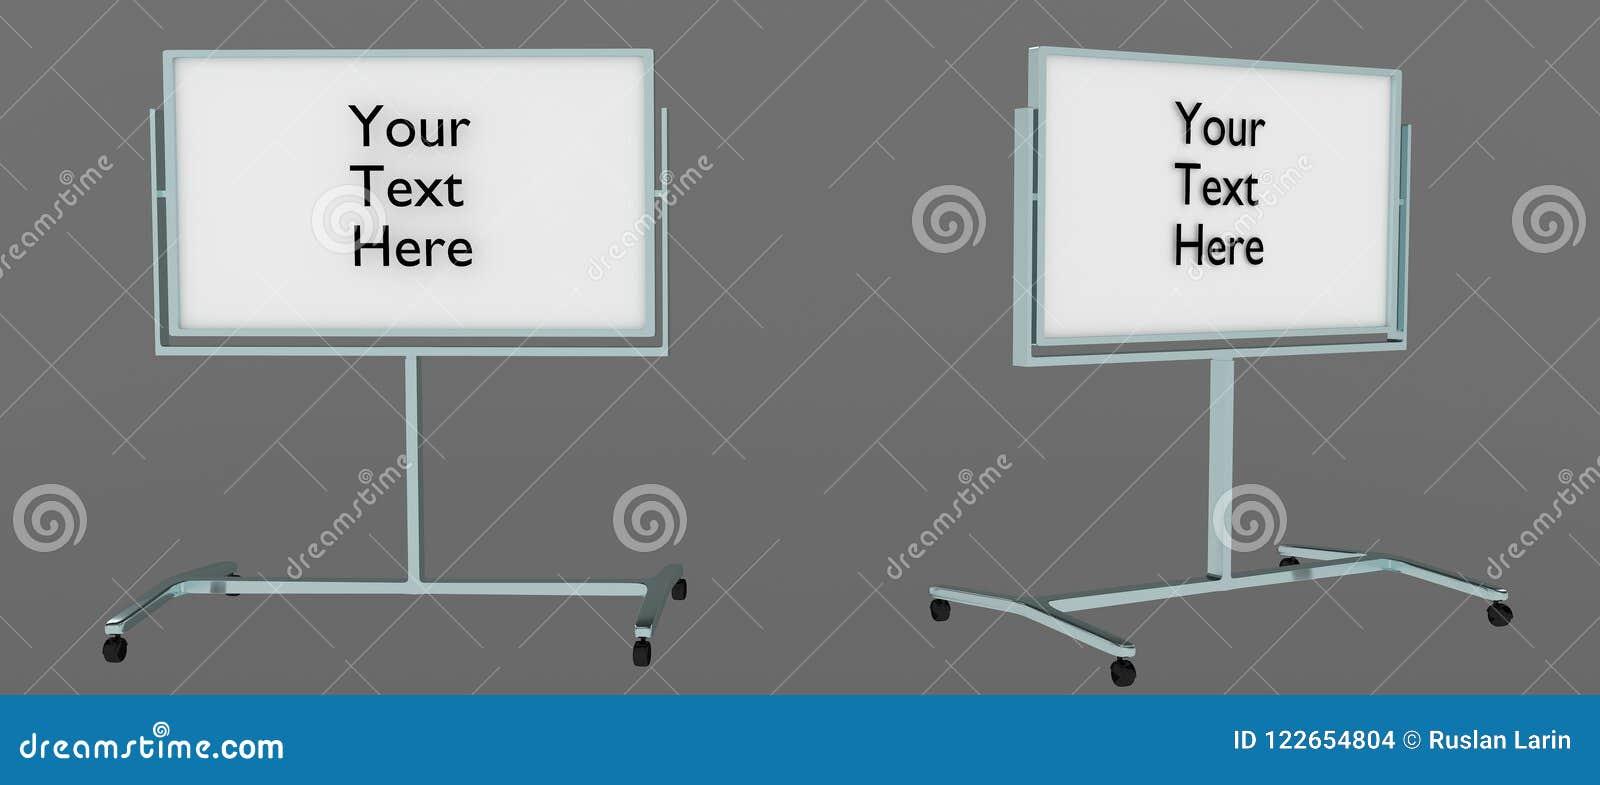 Whiteboard ereto de dois ângulos com ` seu do texto ` aqui escrito nele, fácil editar 3D rendido, isolado no fundo cinzento